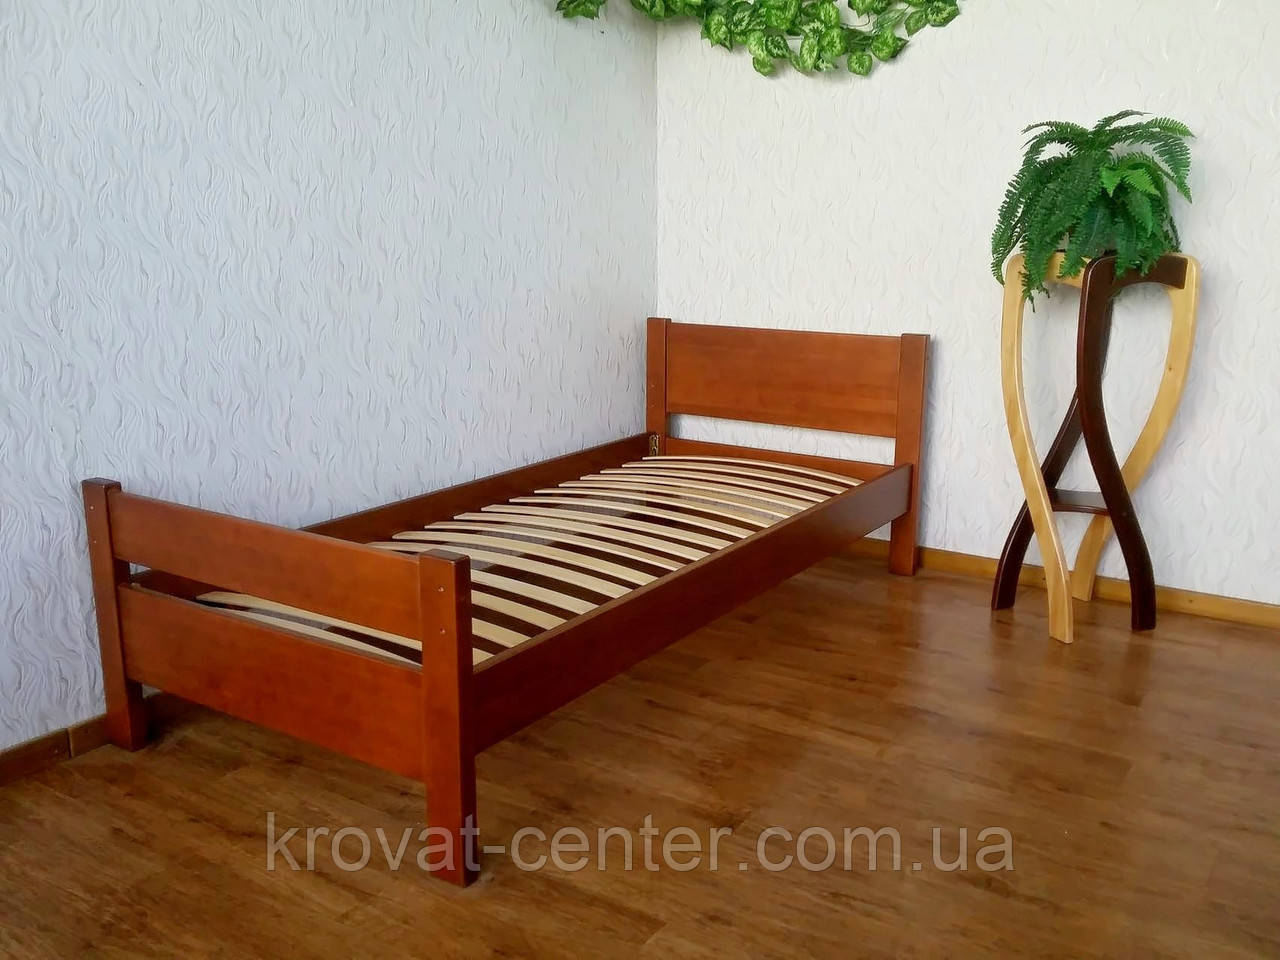 """Детская кровать с изножьем """"Эконом"""""""